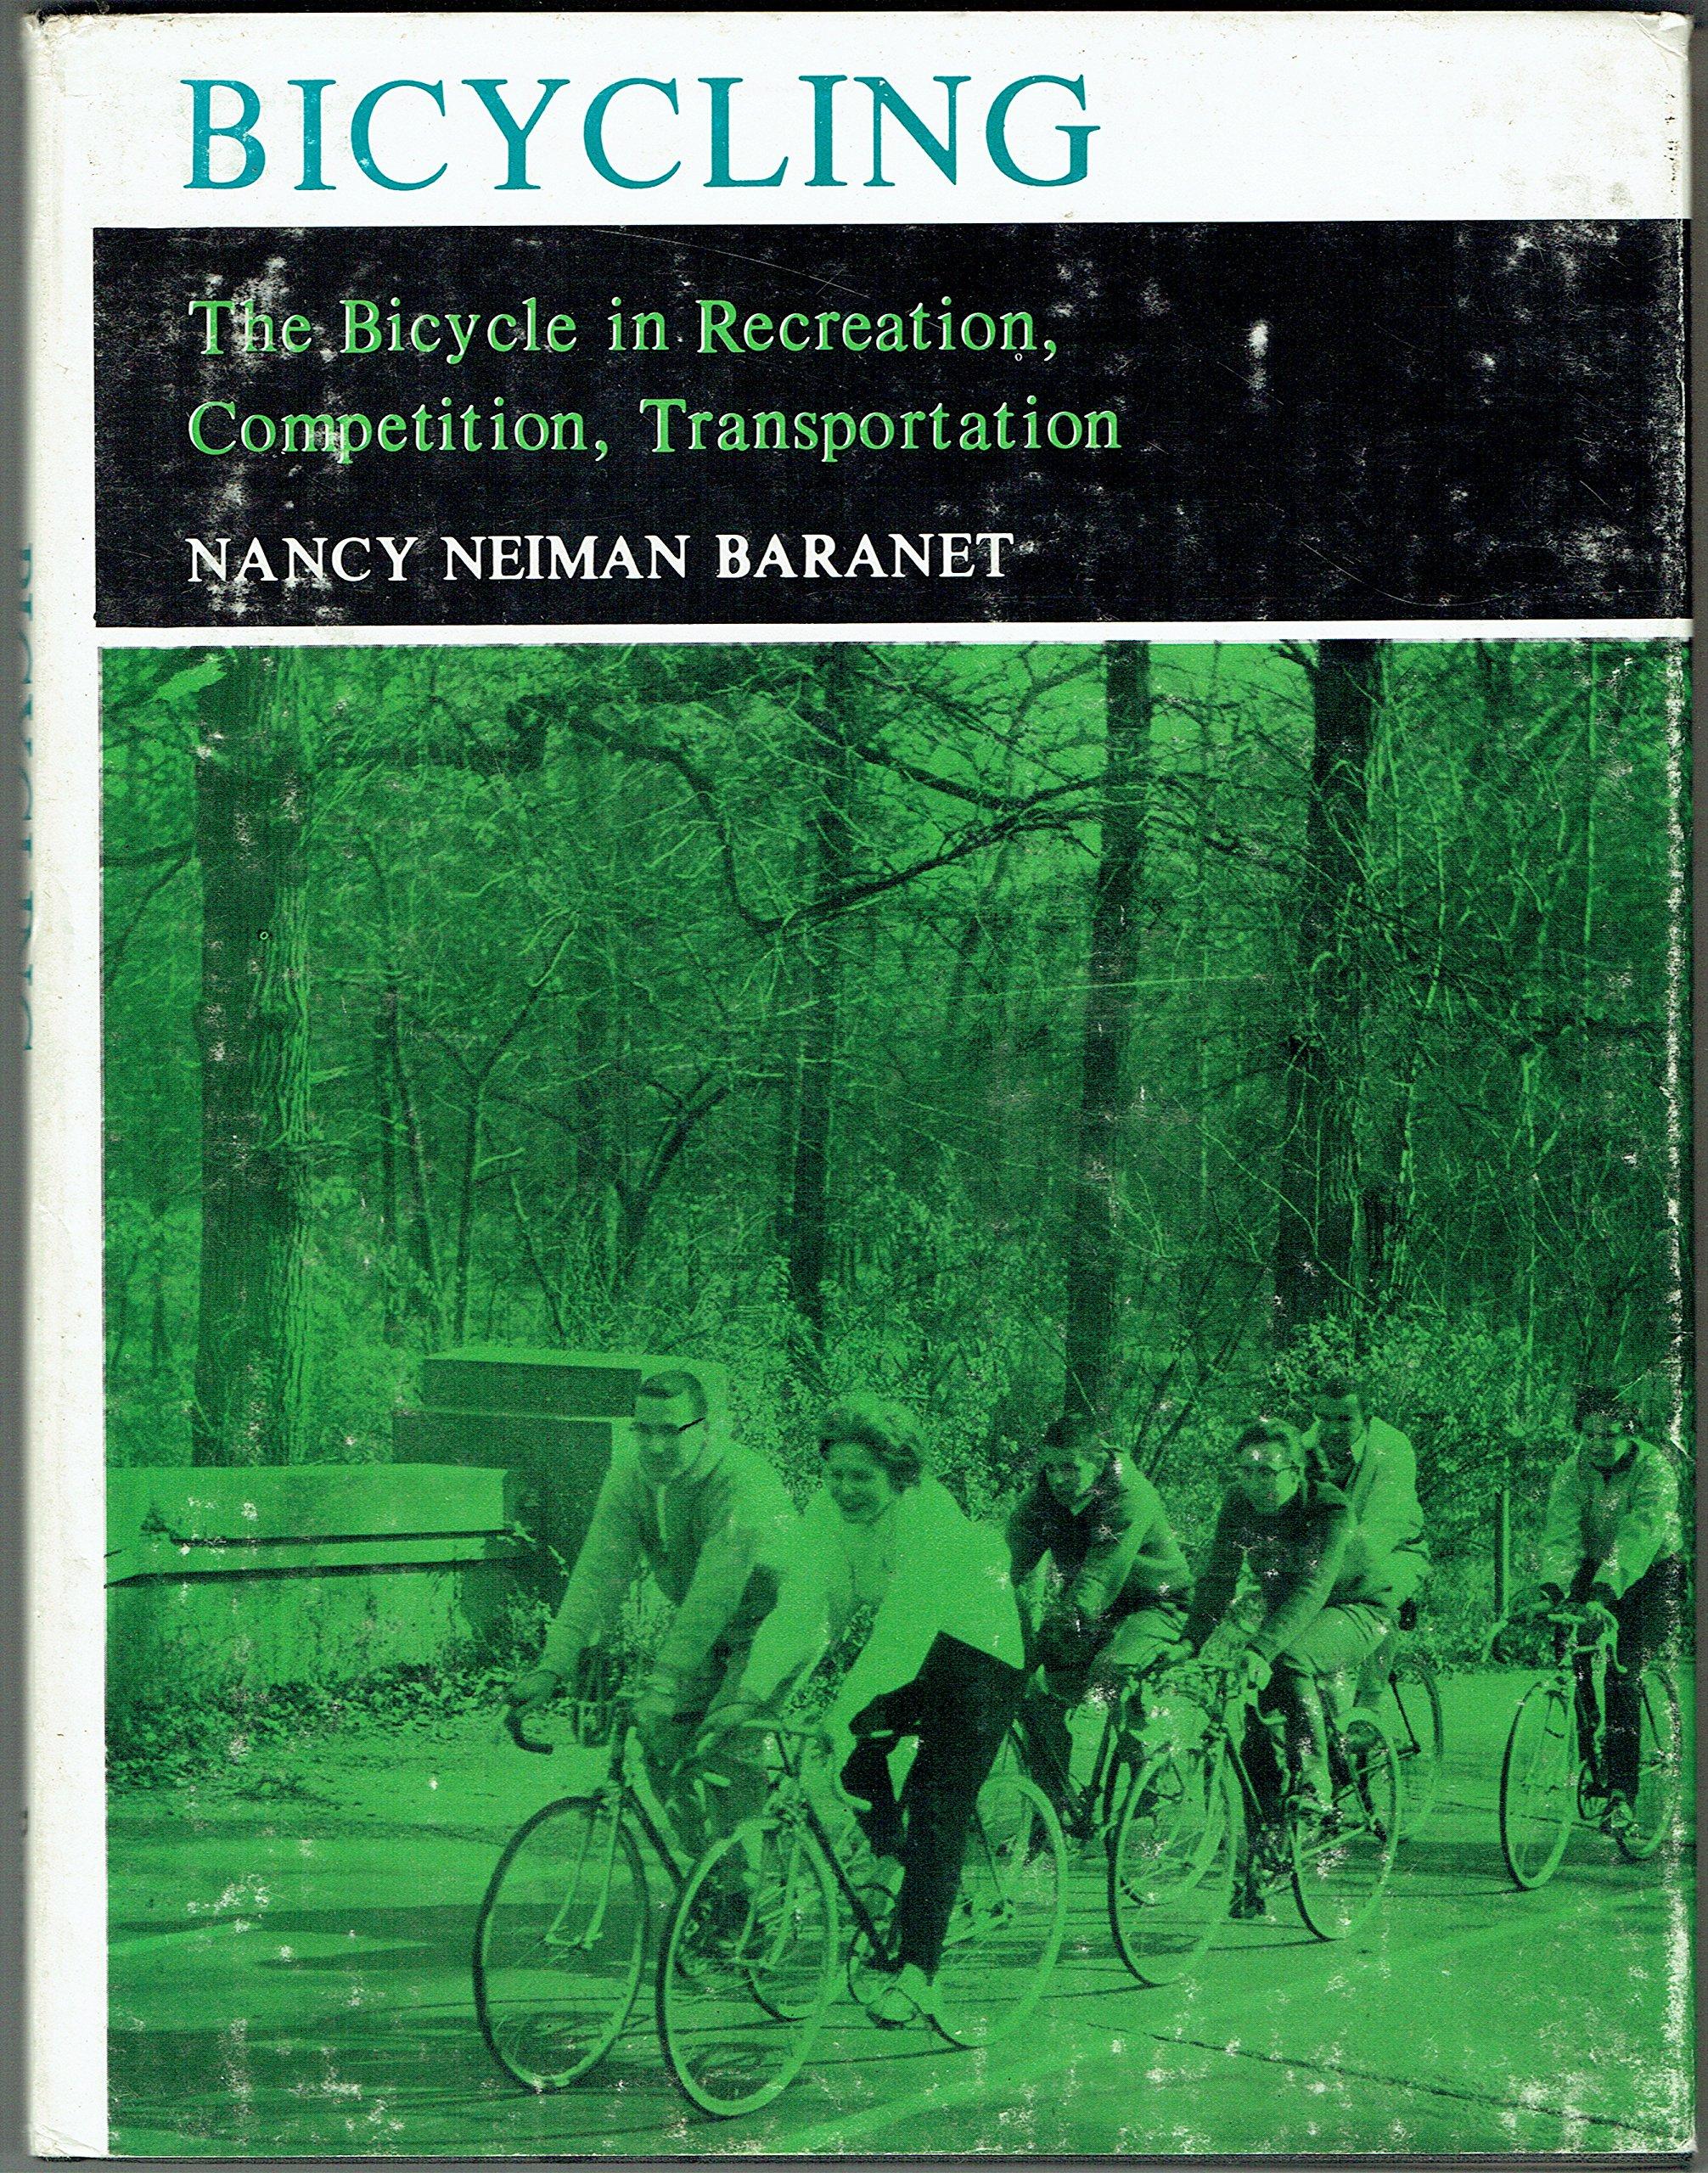 Nancy neiman